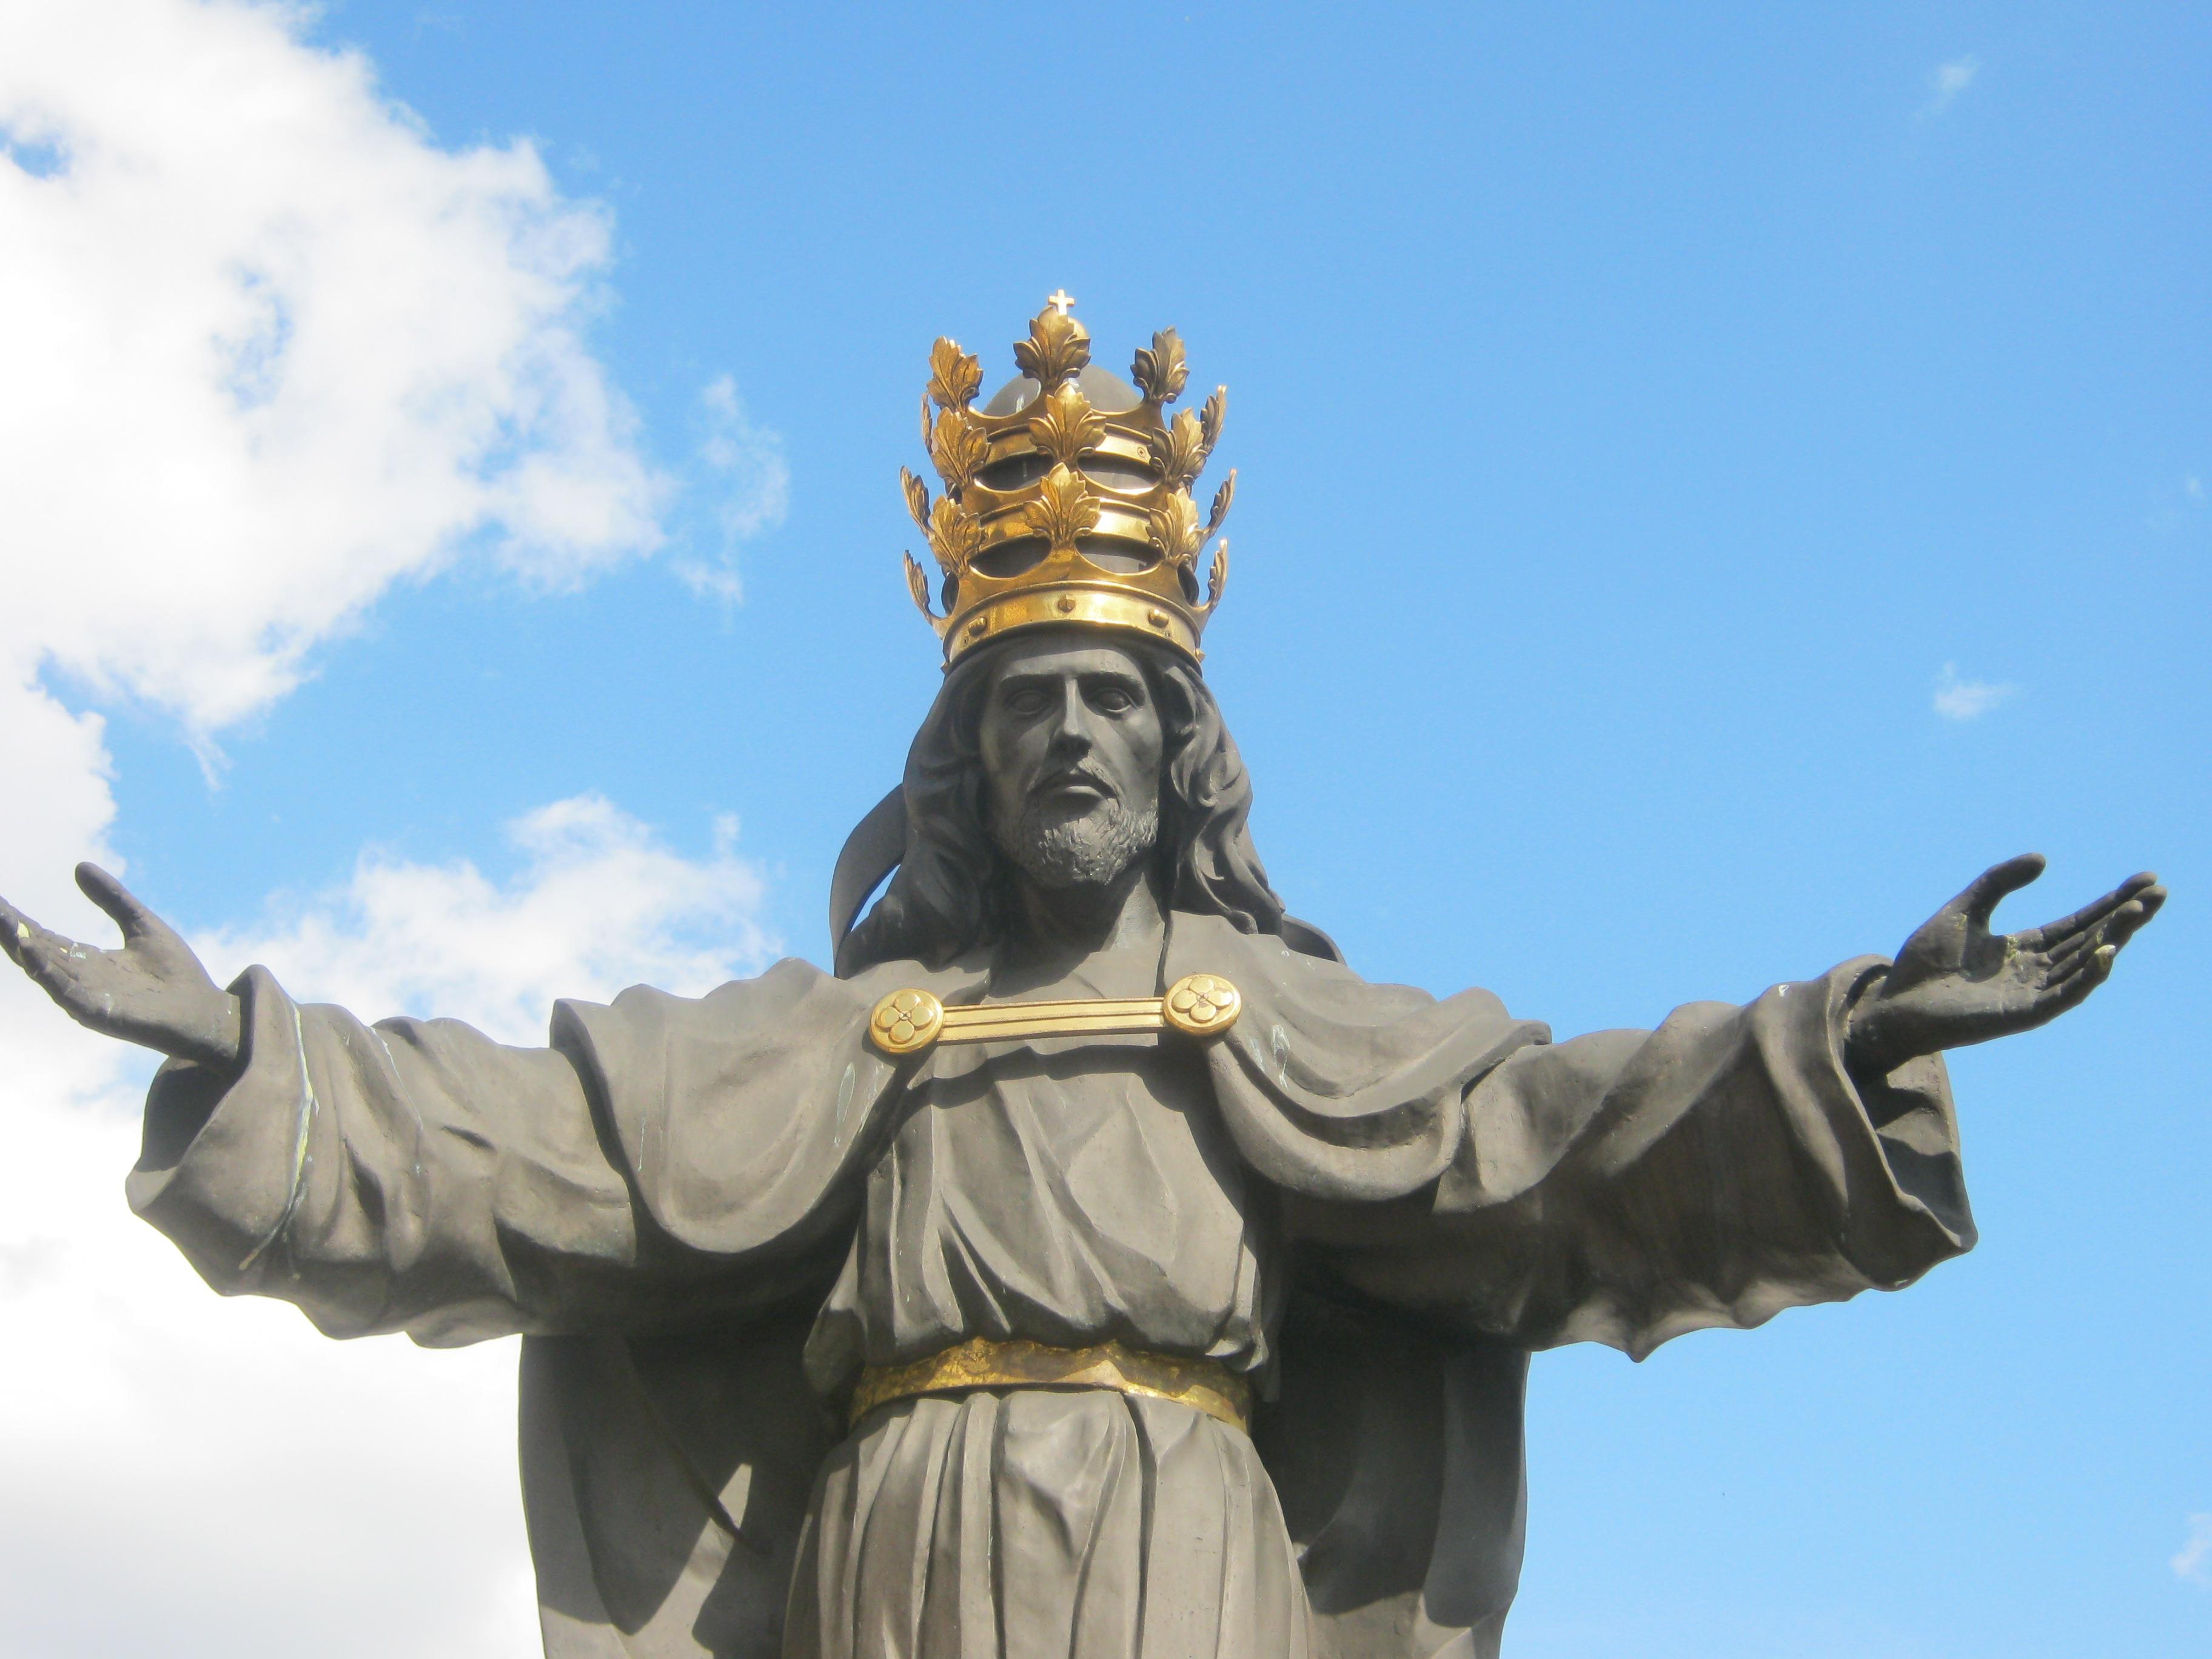 Znalezione obrazy dla zapytania chrystus król na krzyżu